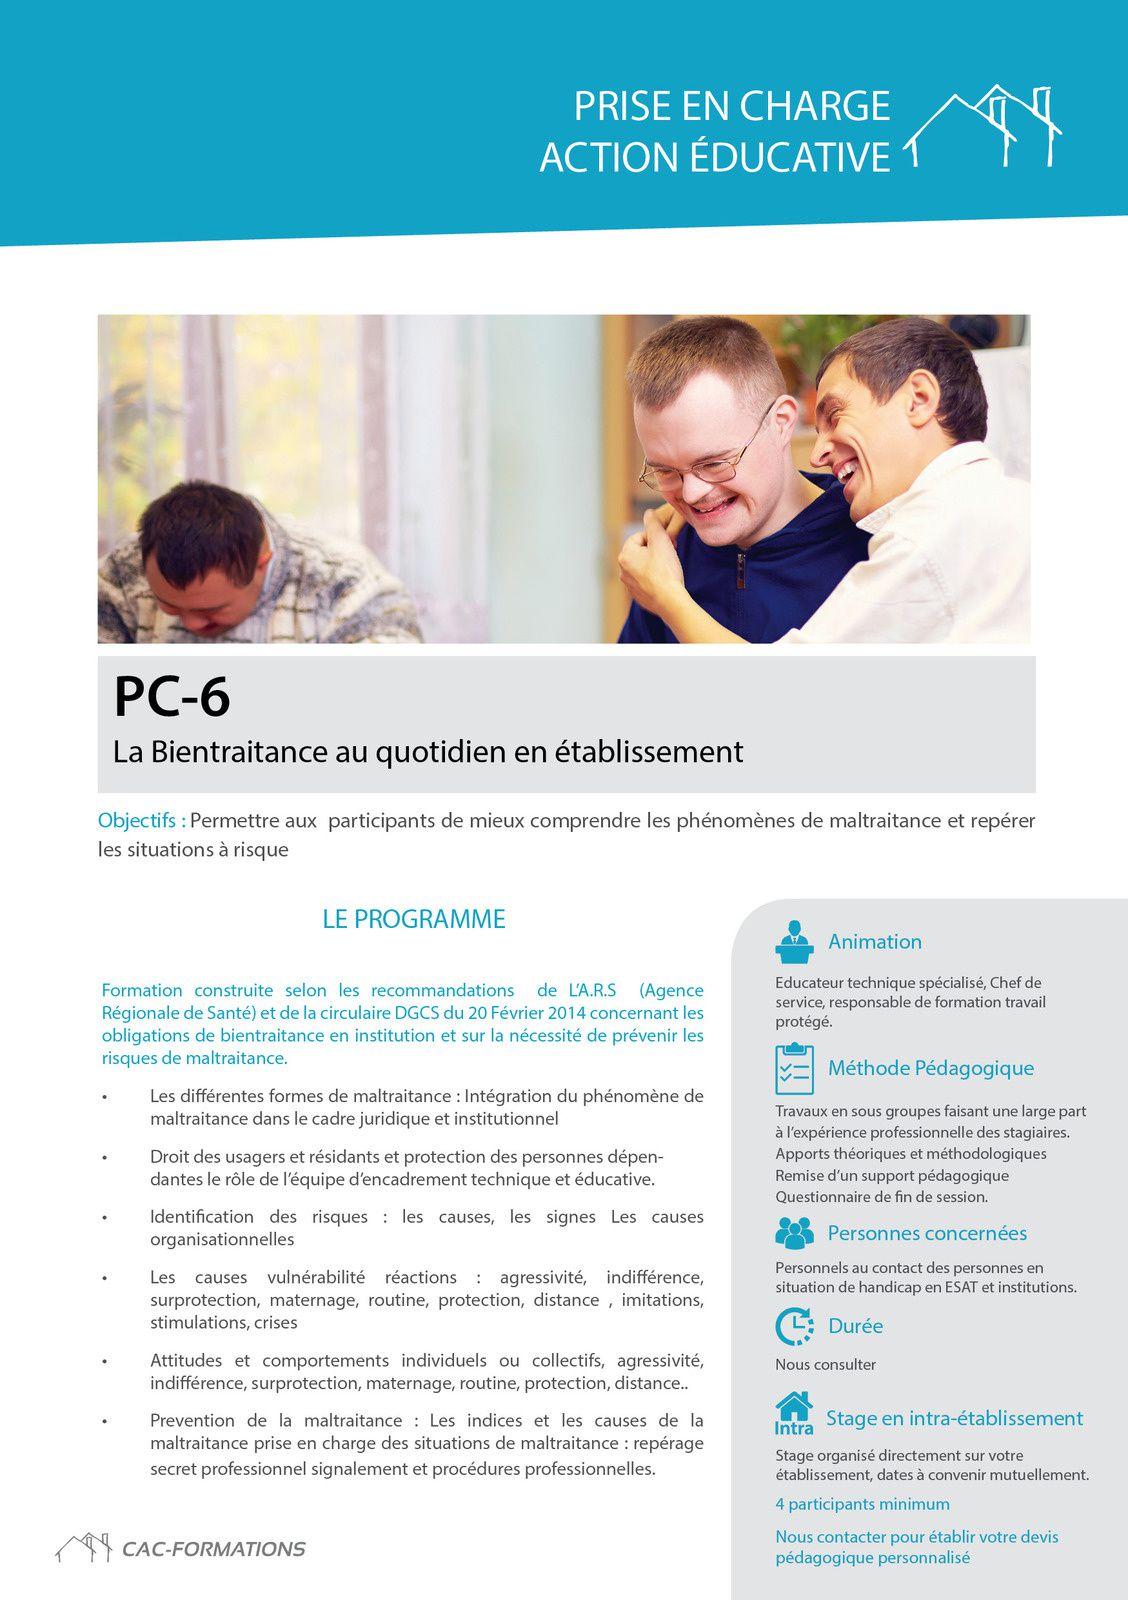 des formations adaptées à la prise en charge psychique en ateliers:  www.cac-formations.net